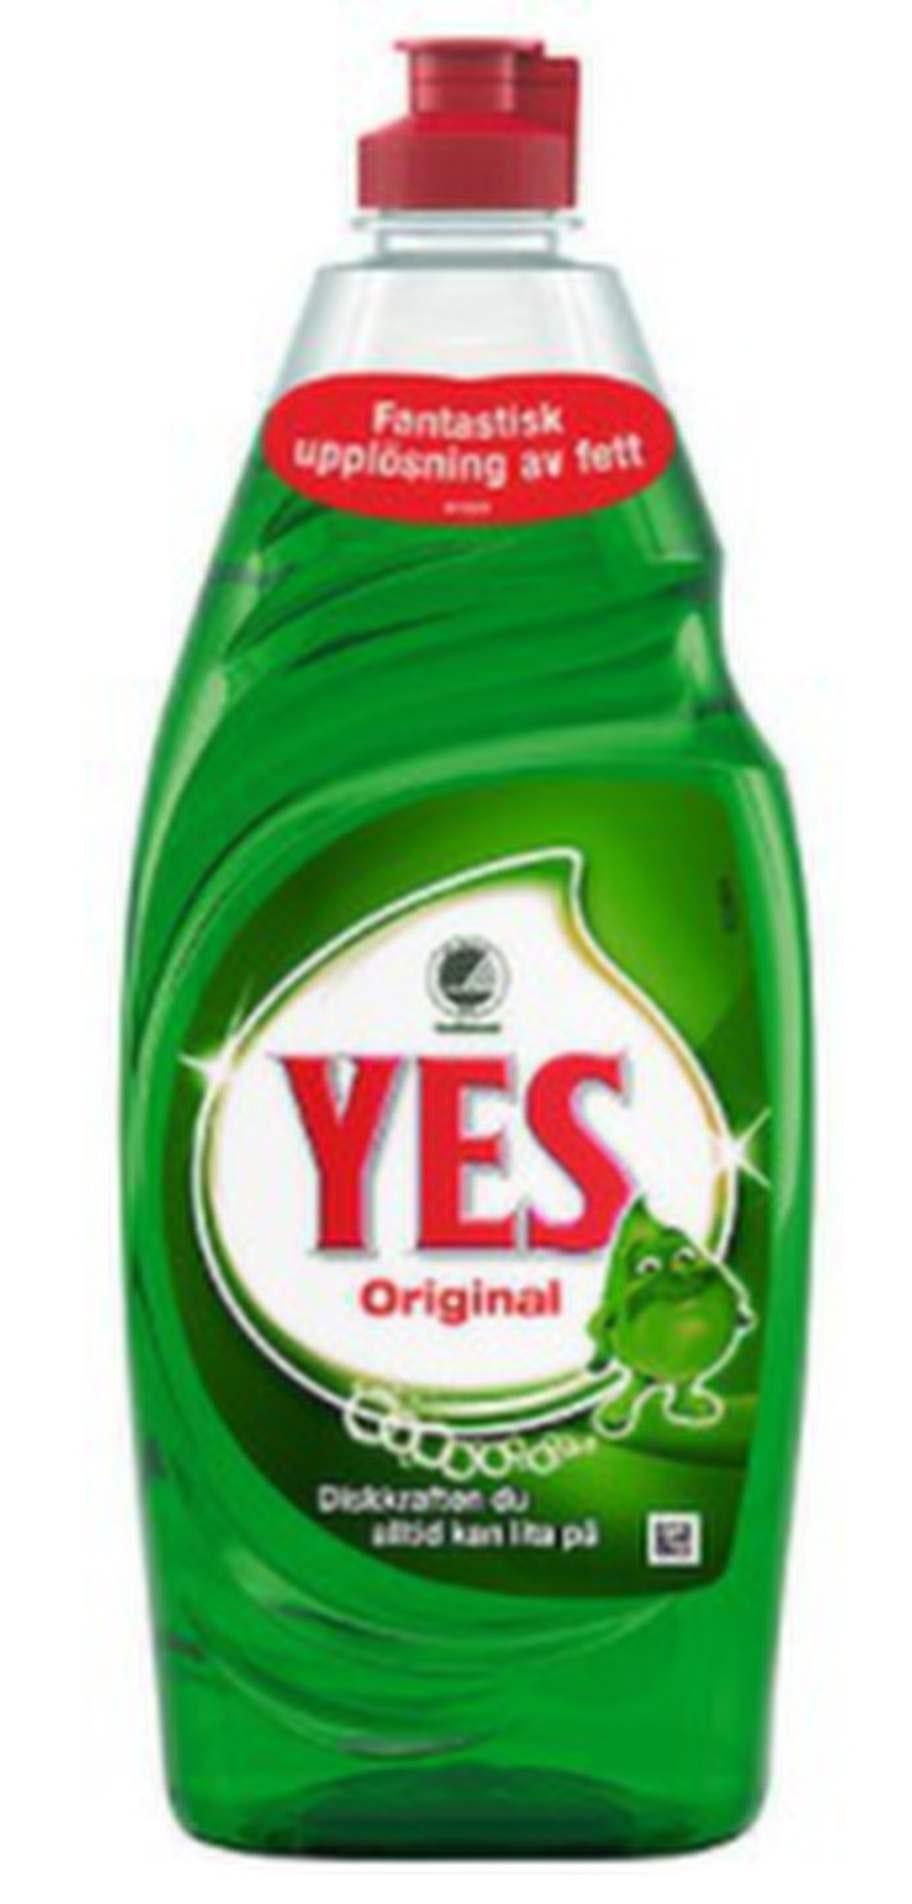 3. YesDiskmedlet Yes fungerar mot det mesta, även mot rödvinsfläckar. Förbehandla fläcken med diskmedlet, gnugga in ordentligt en stund innan du tvättar den i maskin.Källa.